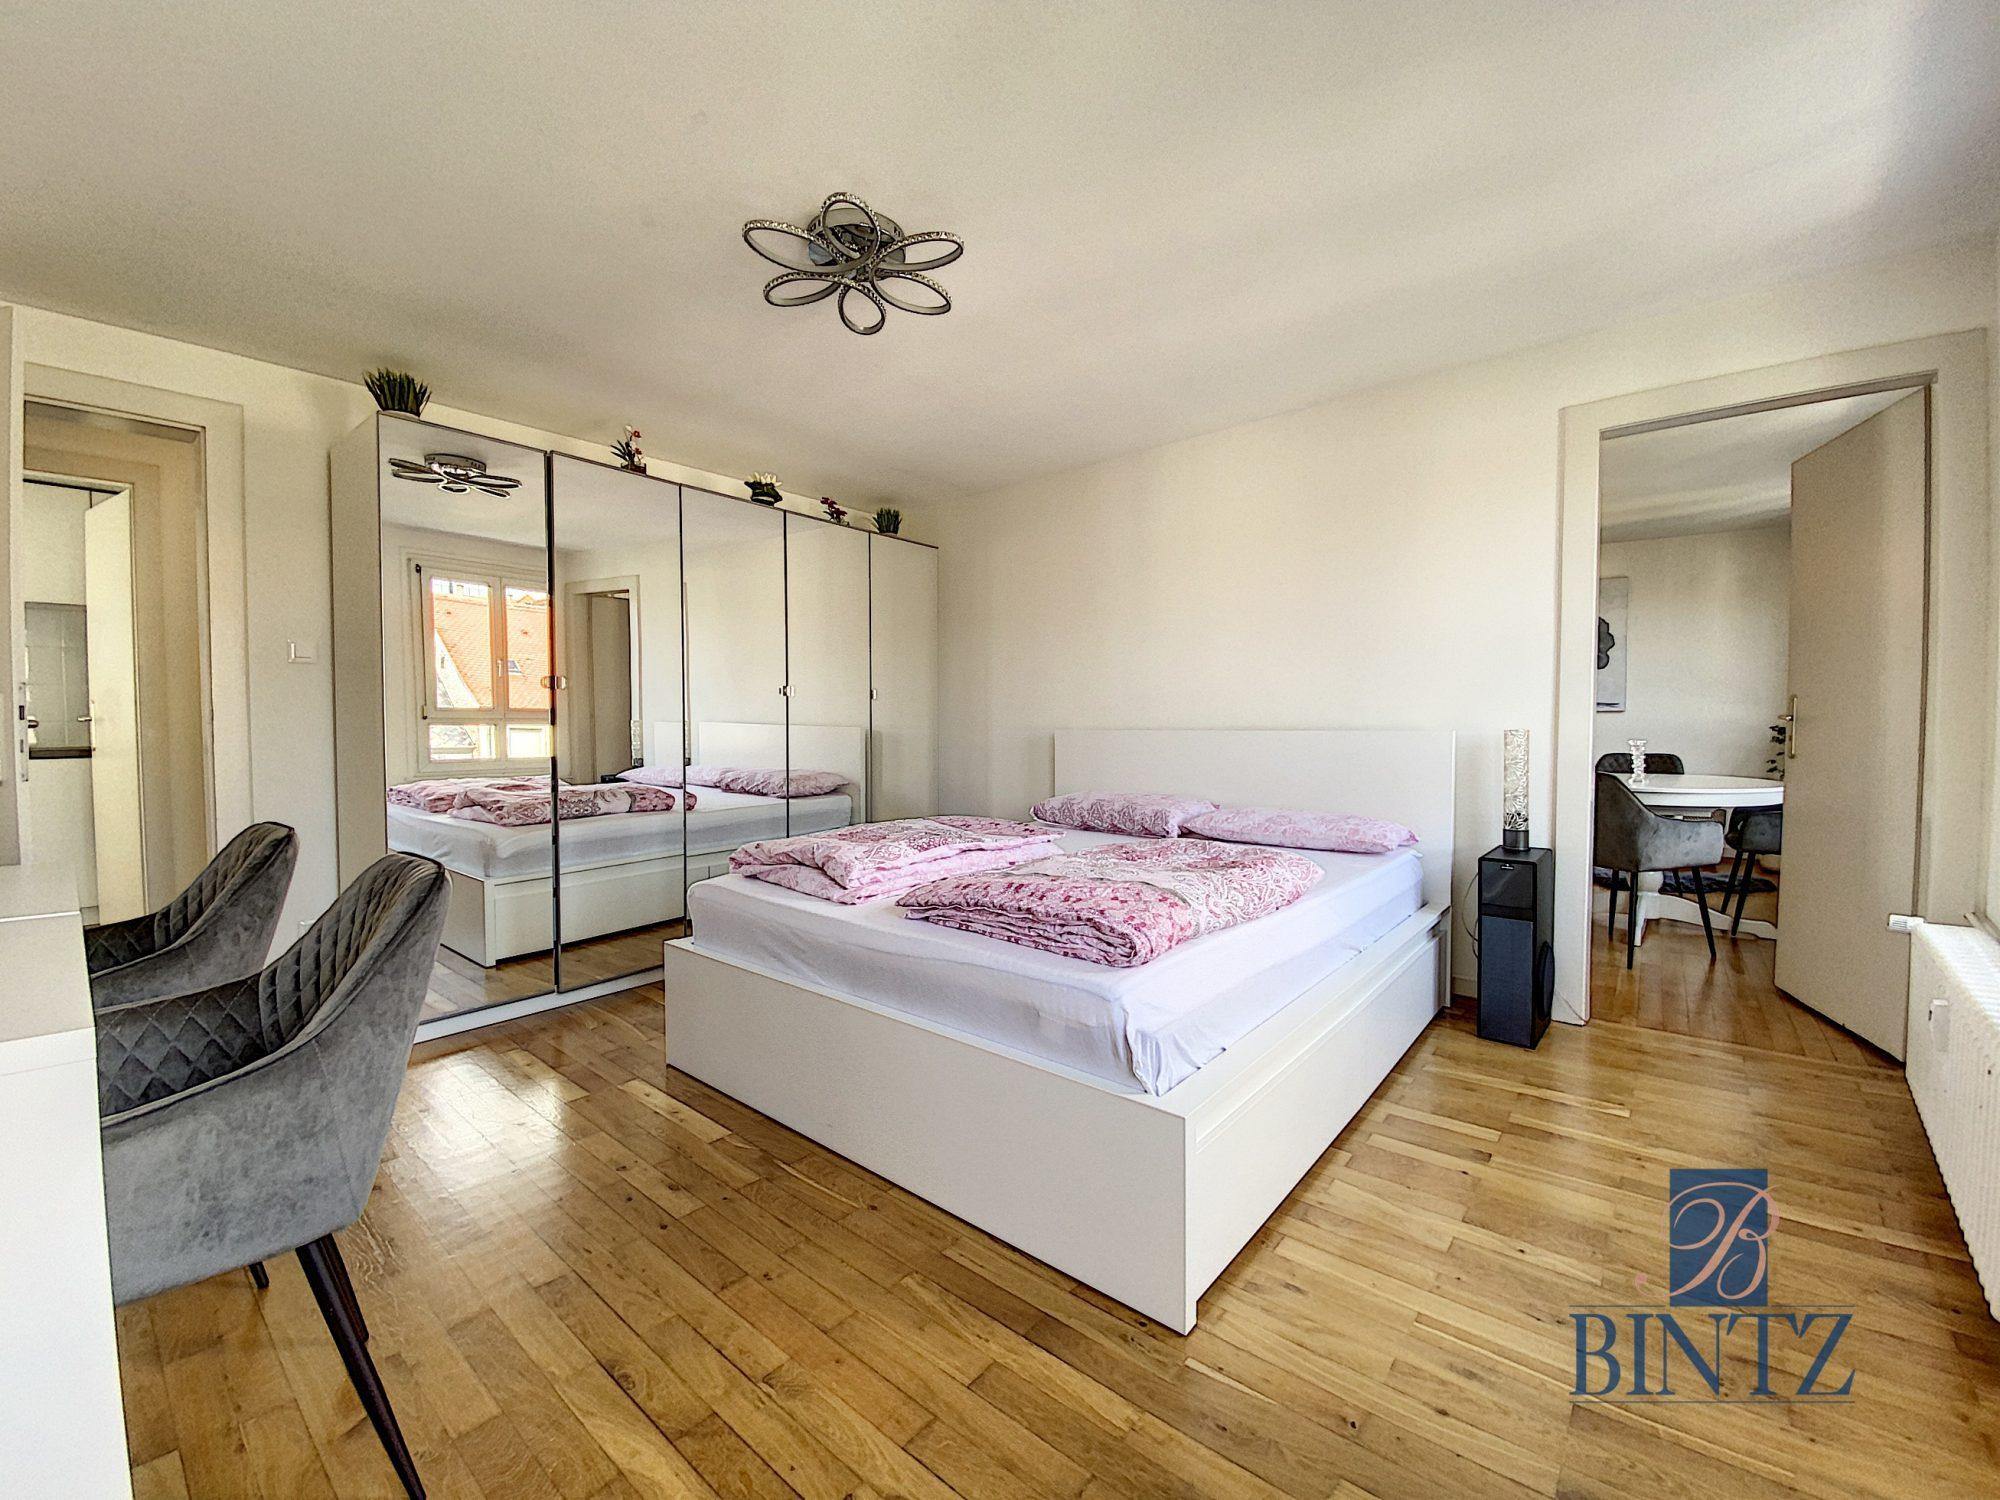 3 PIÈCES HYPERCENTRE - Devenez locataire en toute sérénité - Bintz Immobilier - 6